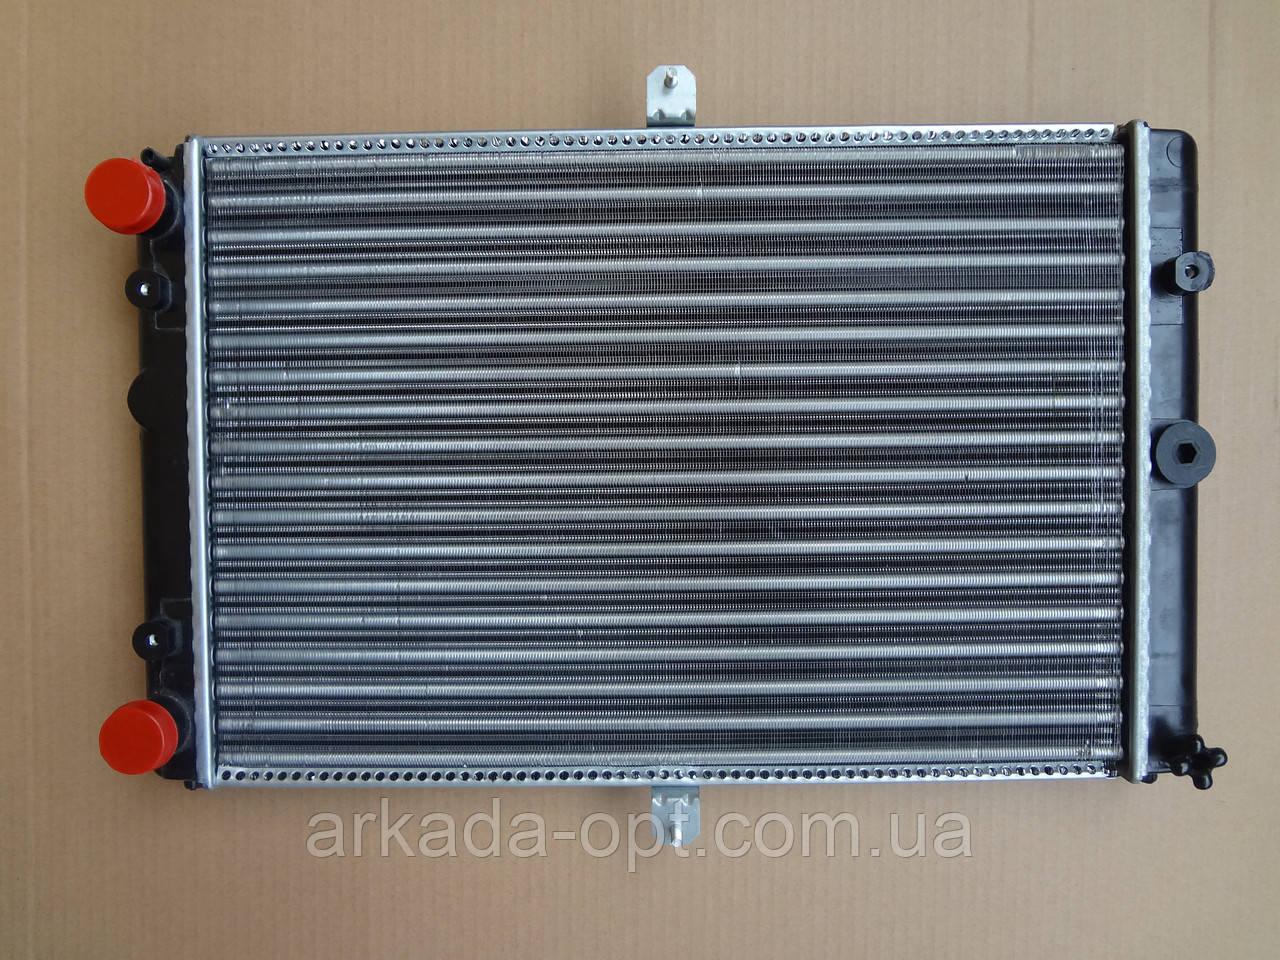 Радиатор охлаждения ВАЗ 2108 2109 21099 2113 2115 Aurora